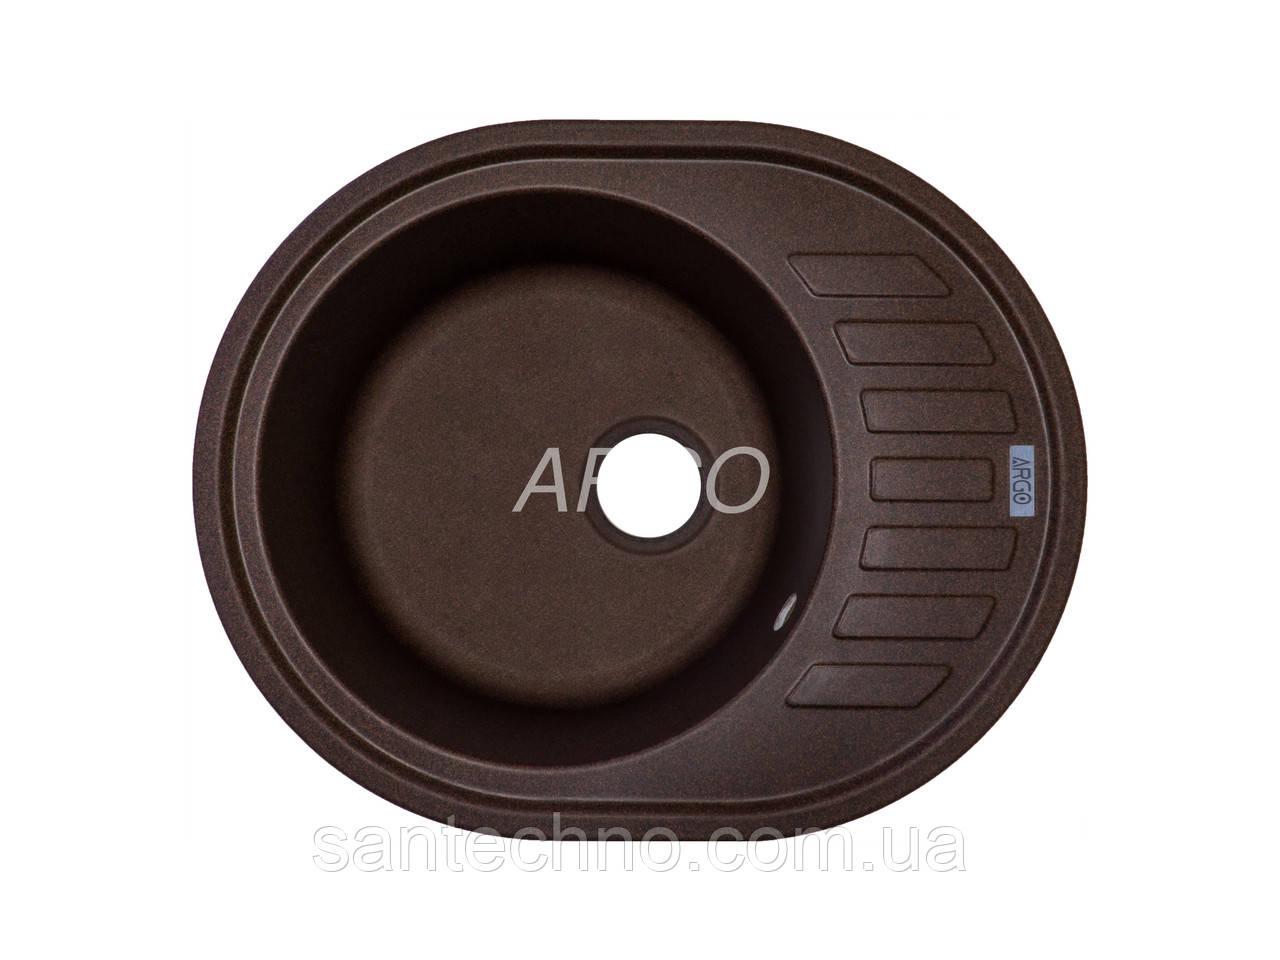 Гранитная овальная мойка для кухни Argo Ovale Mokko 620*500*200